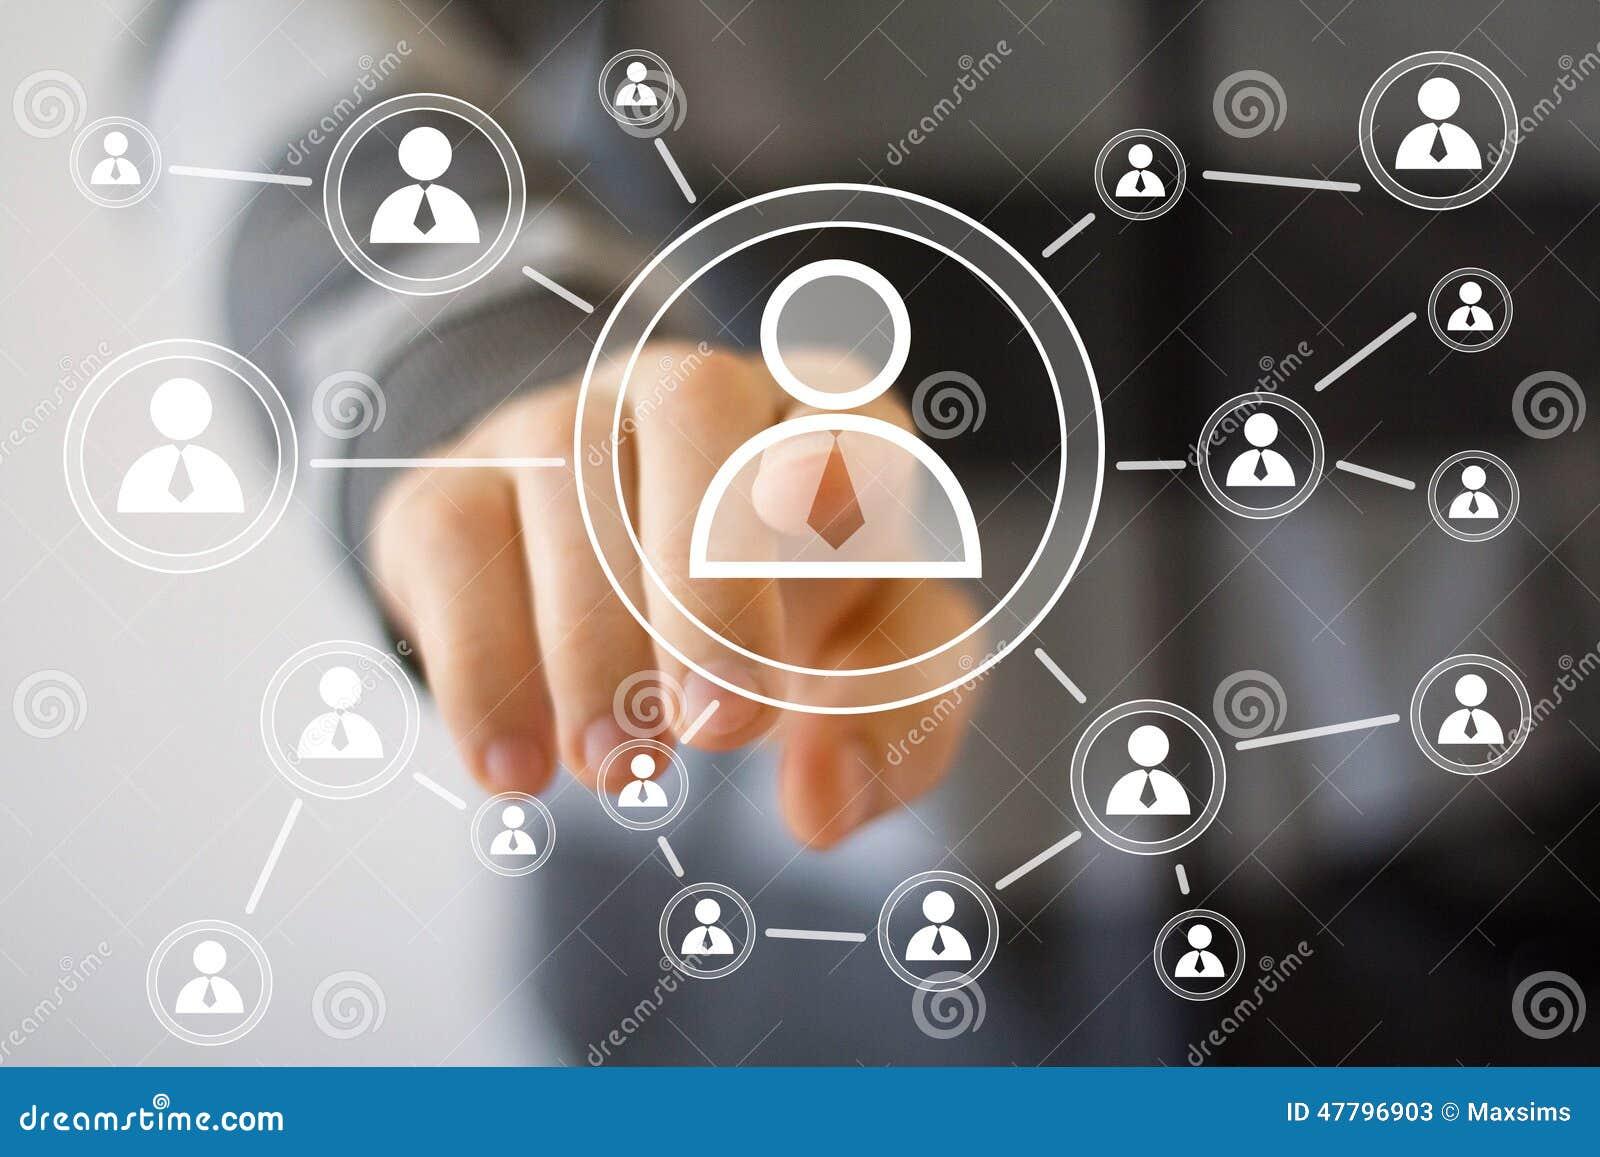 Связь интерфейса кнопки касания бизнесмена